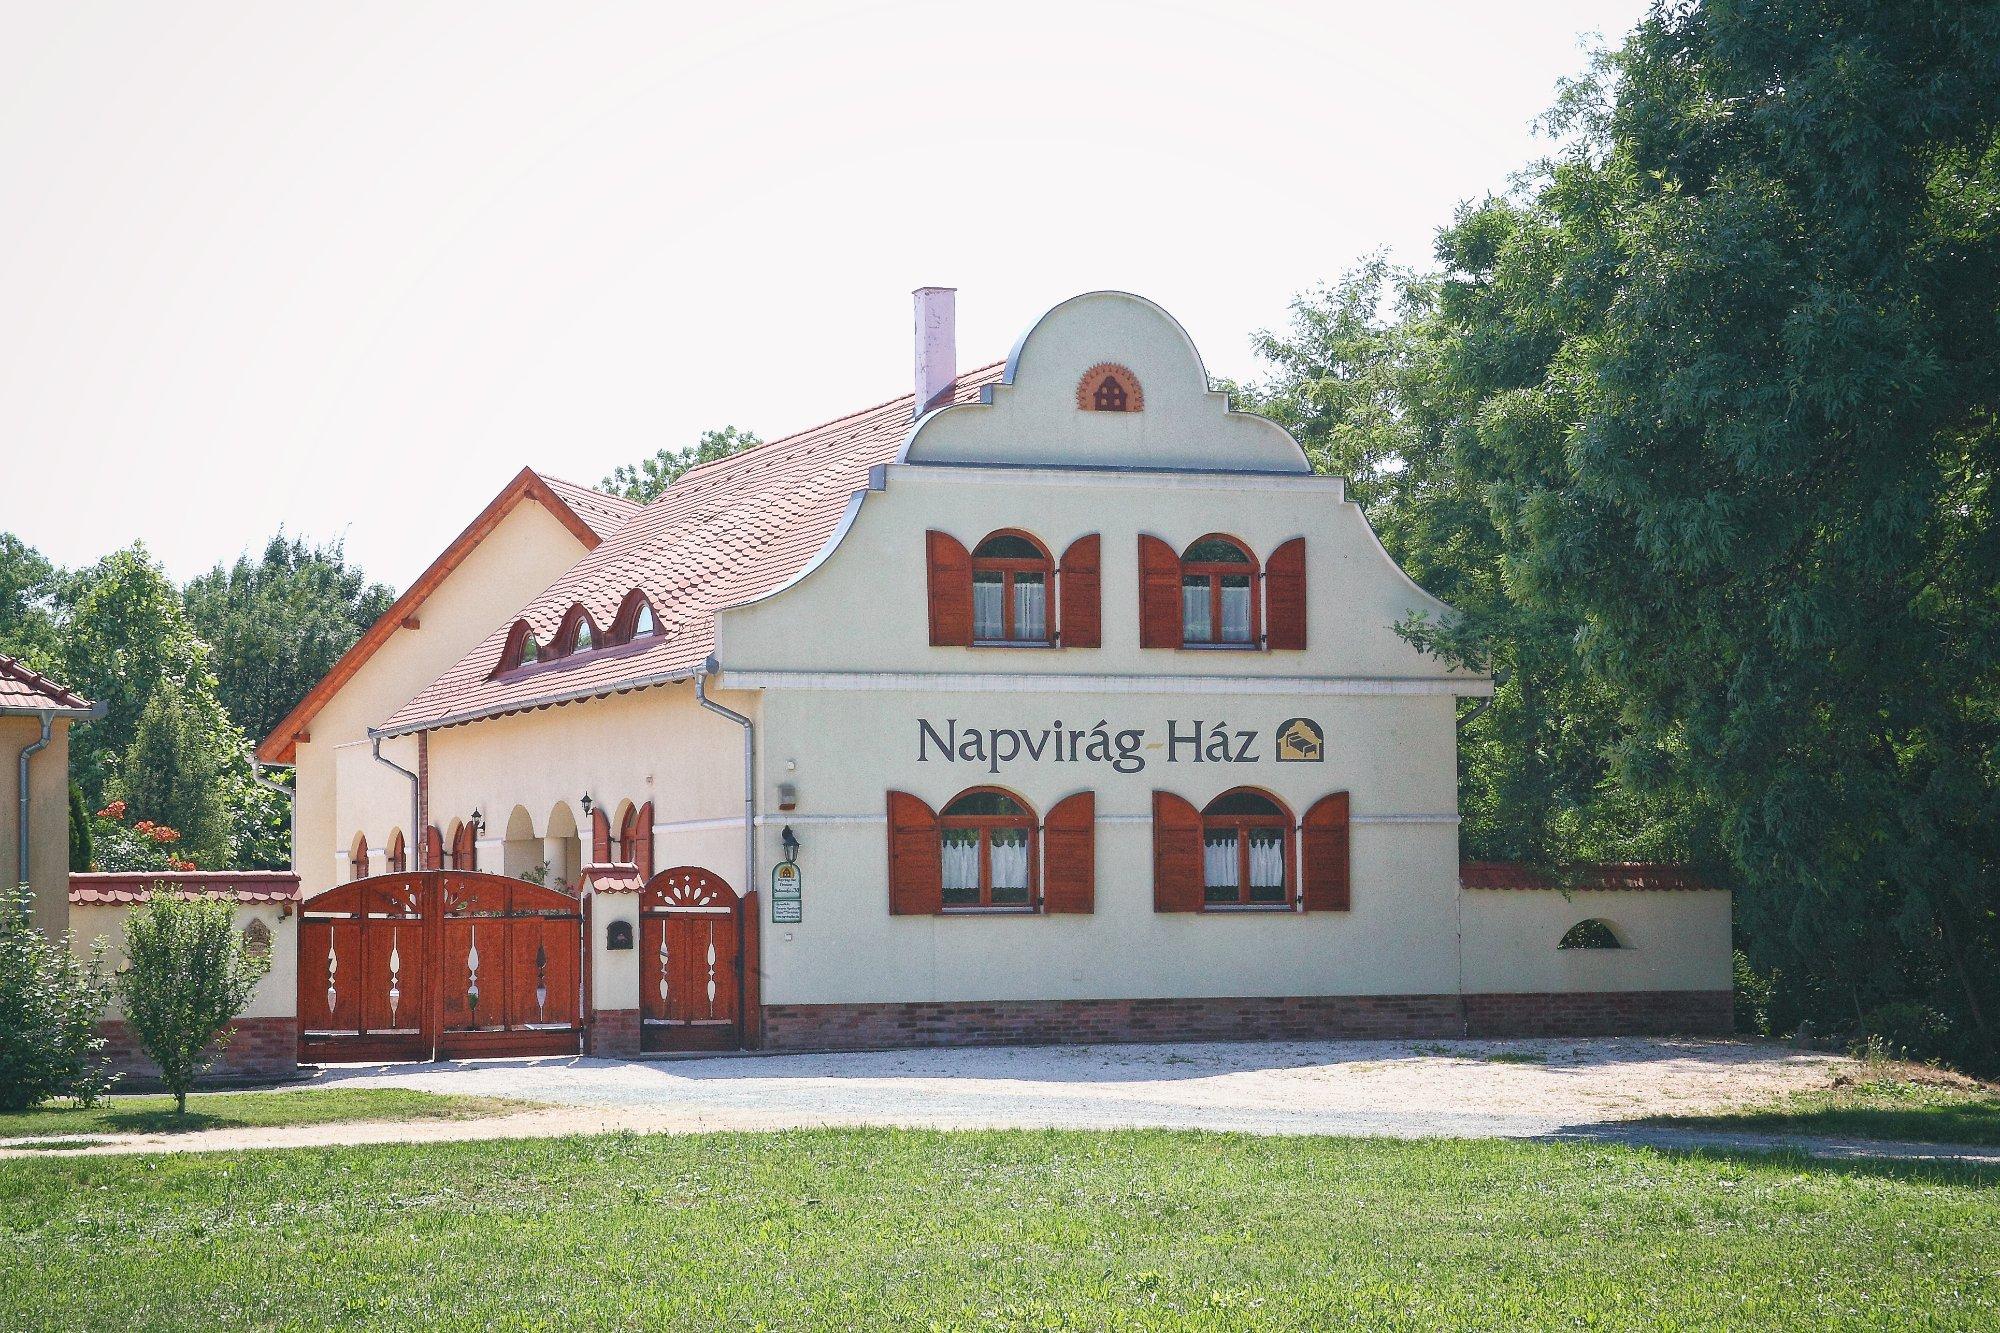 Napvirag House